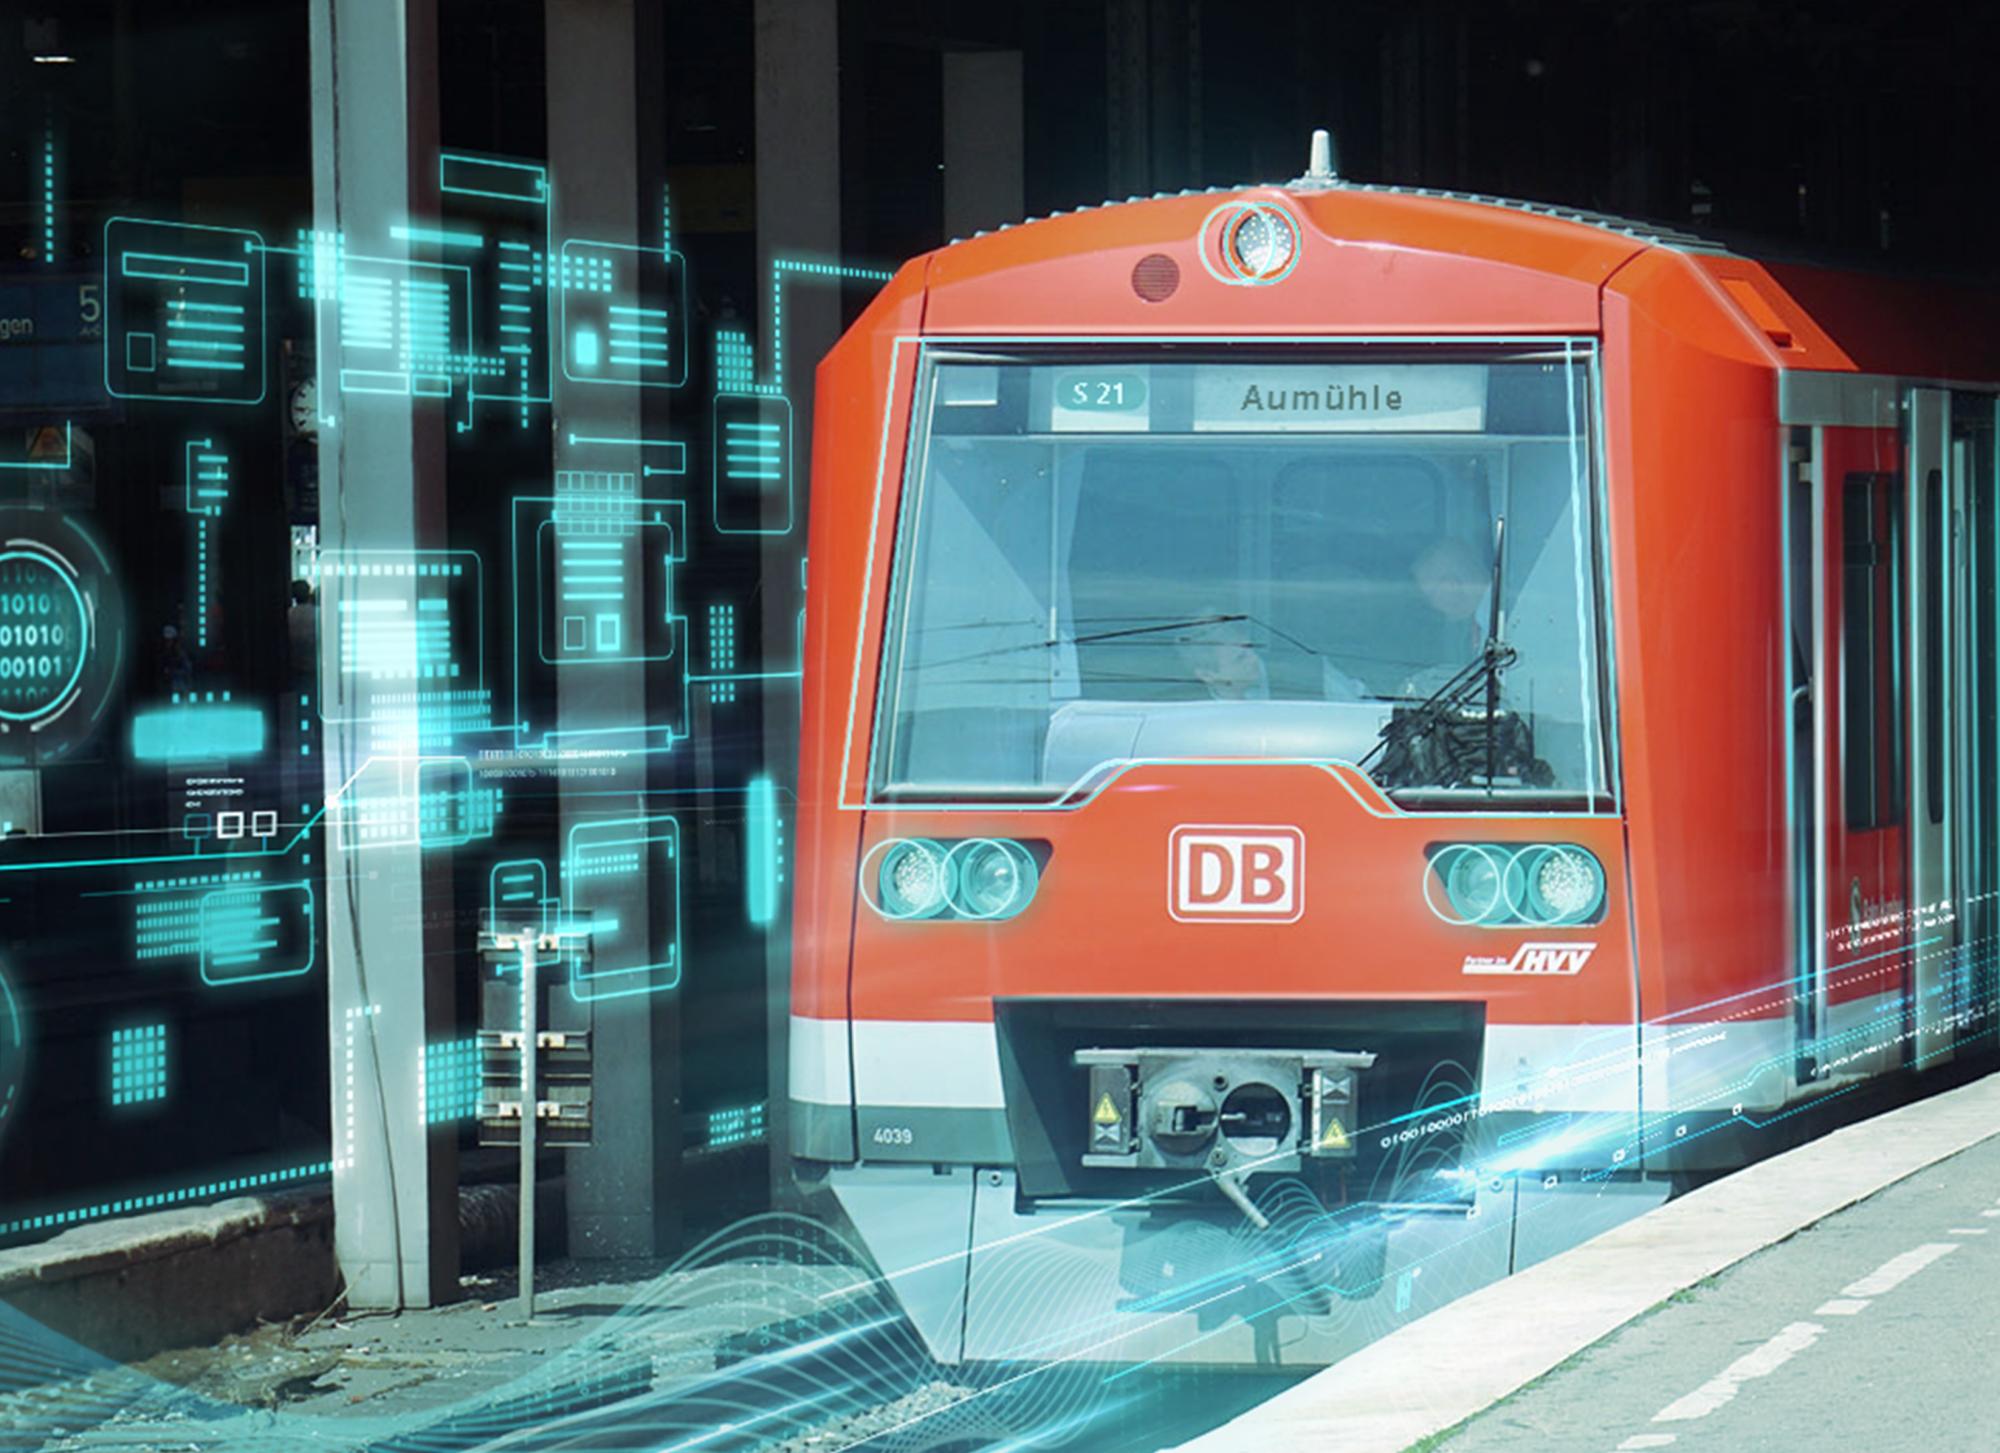 A projekt fejlesztésében részt vesznek budapesti K+F központunk kollégái is. Az új technológia előnye, hogy több vonat közlekedhet a meglévő vasútvonalakon nagyobb megbízhatósággal és alacsonyabb energiafogyasztással.